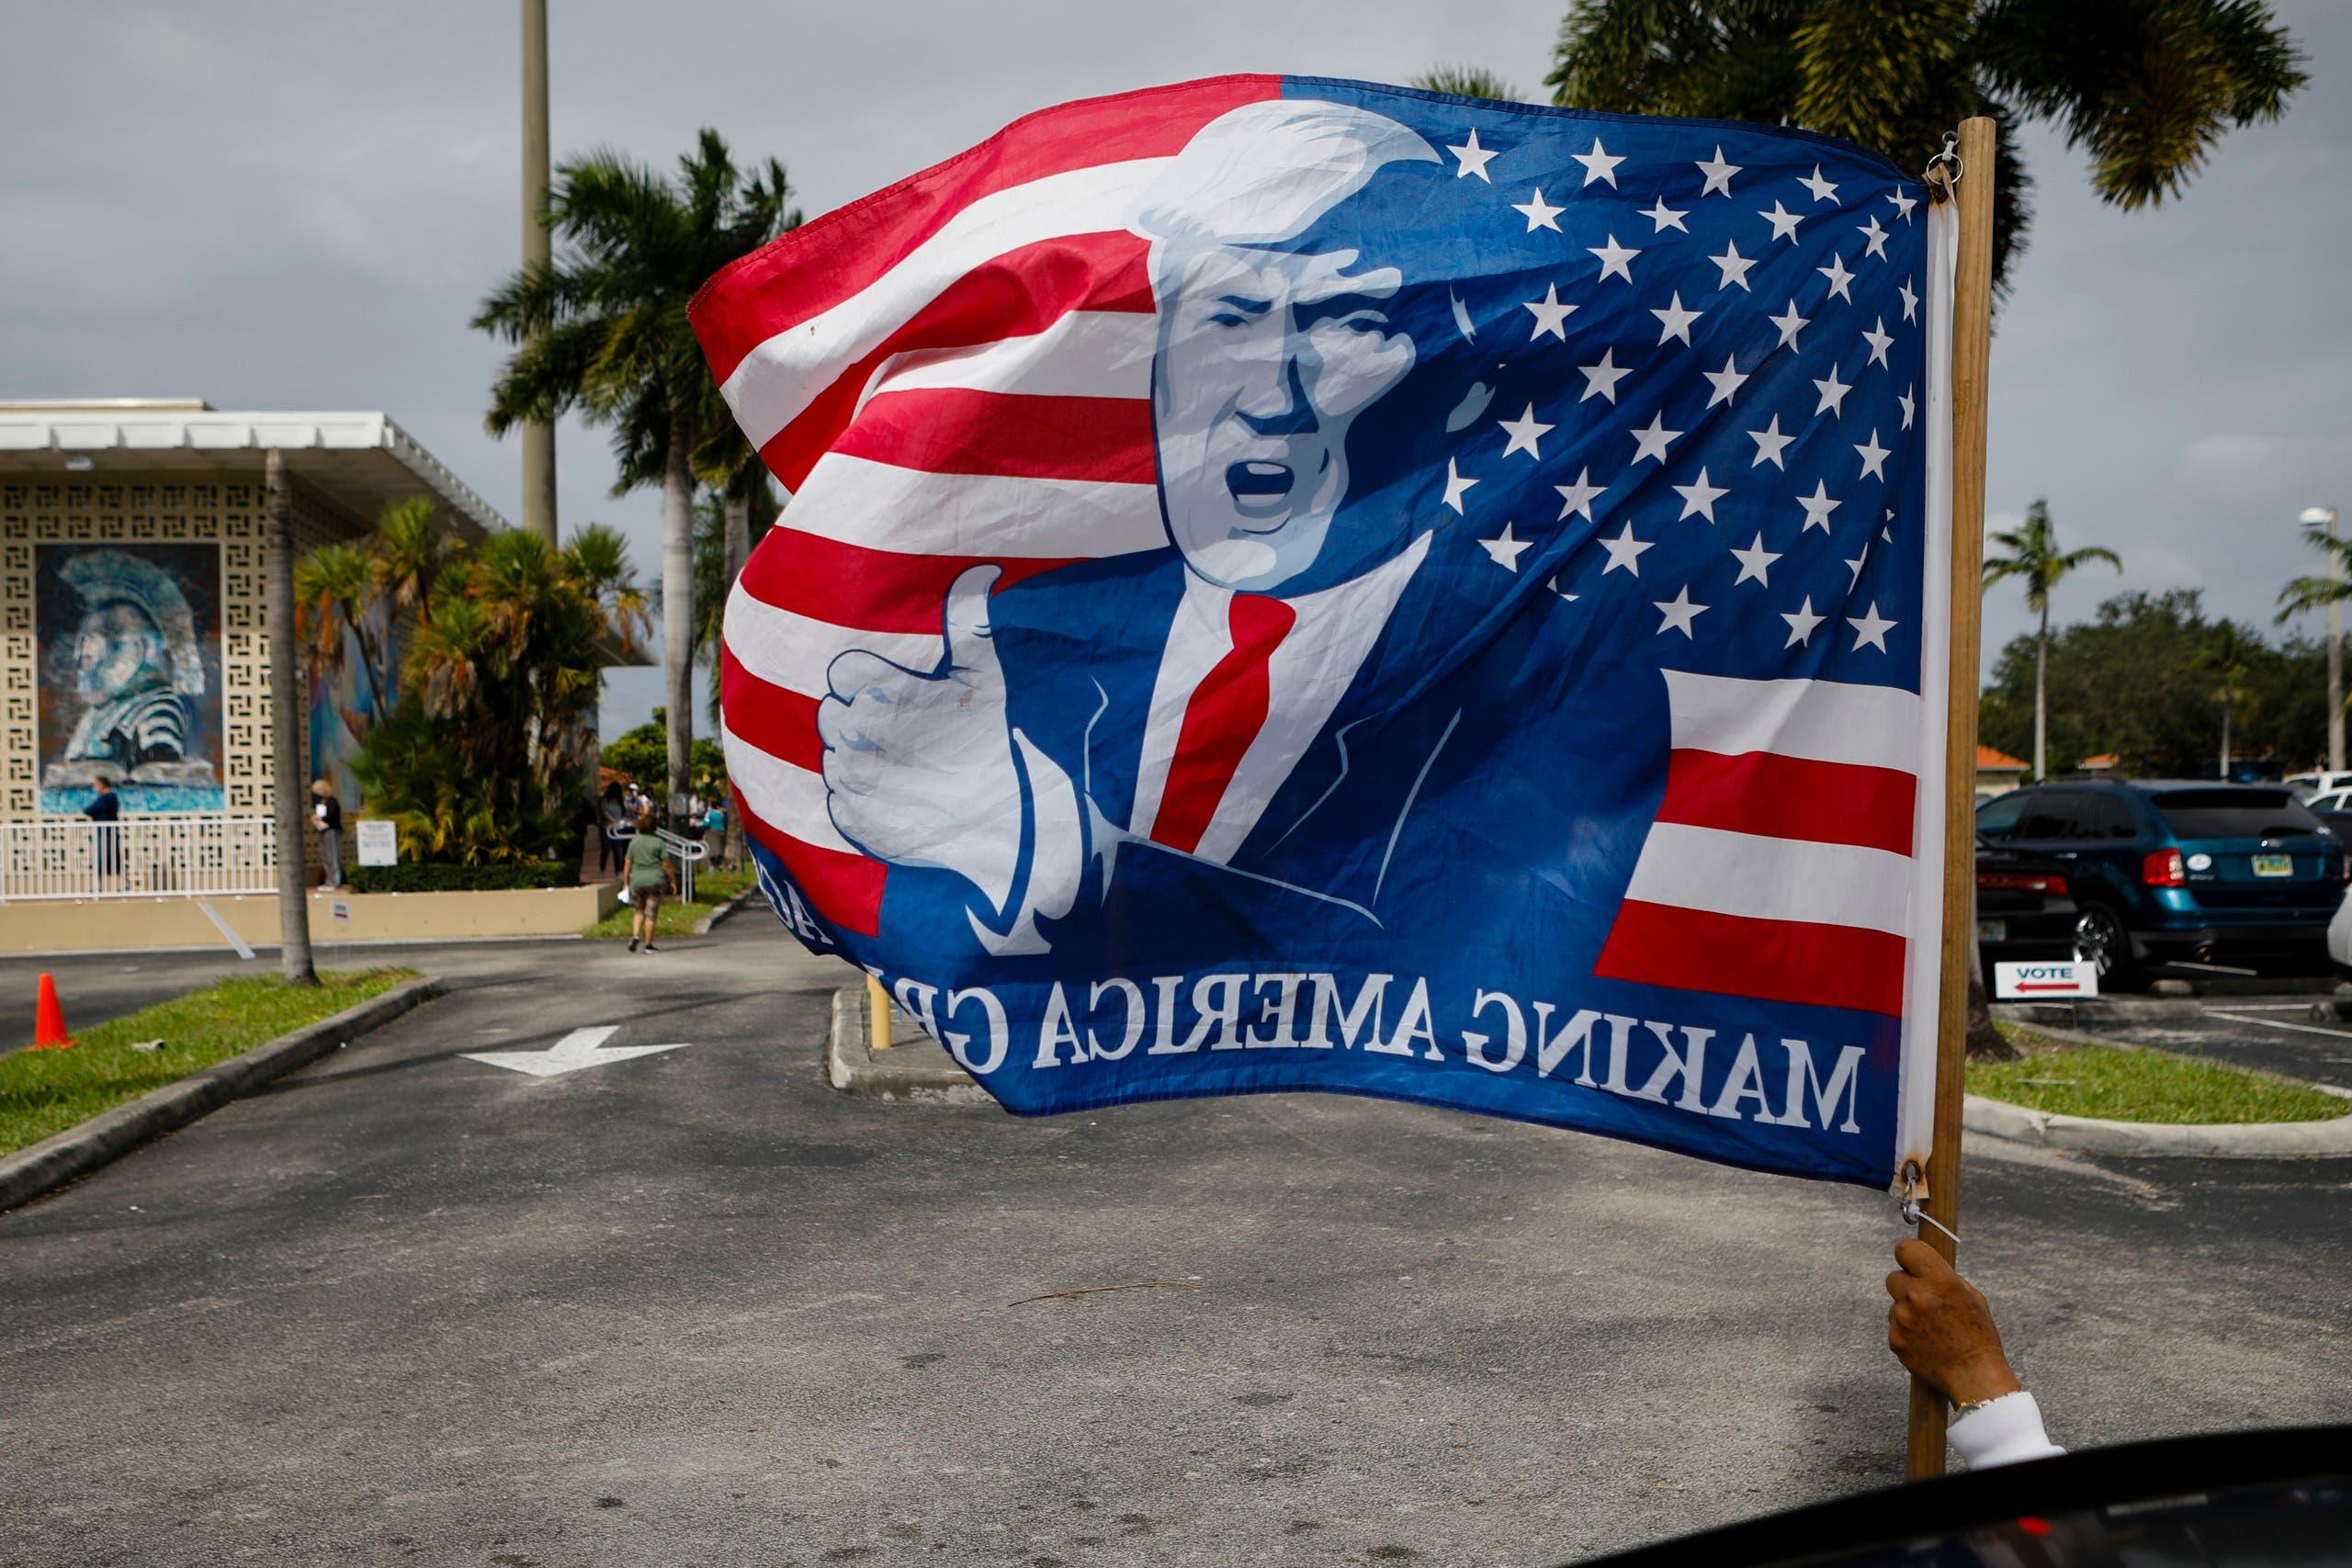 أحد مناصري ترمب يرفع علماً عليه صورة الرئيس في فلوريدا